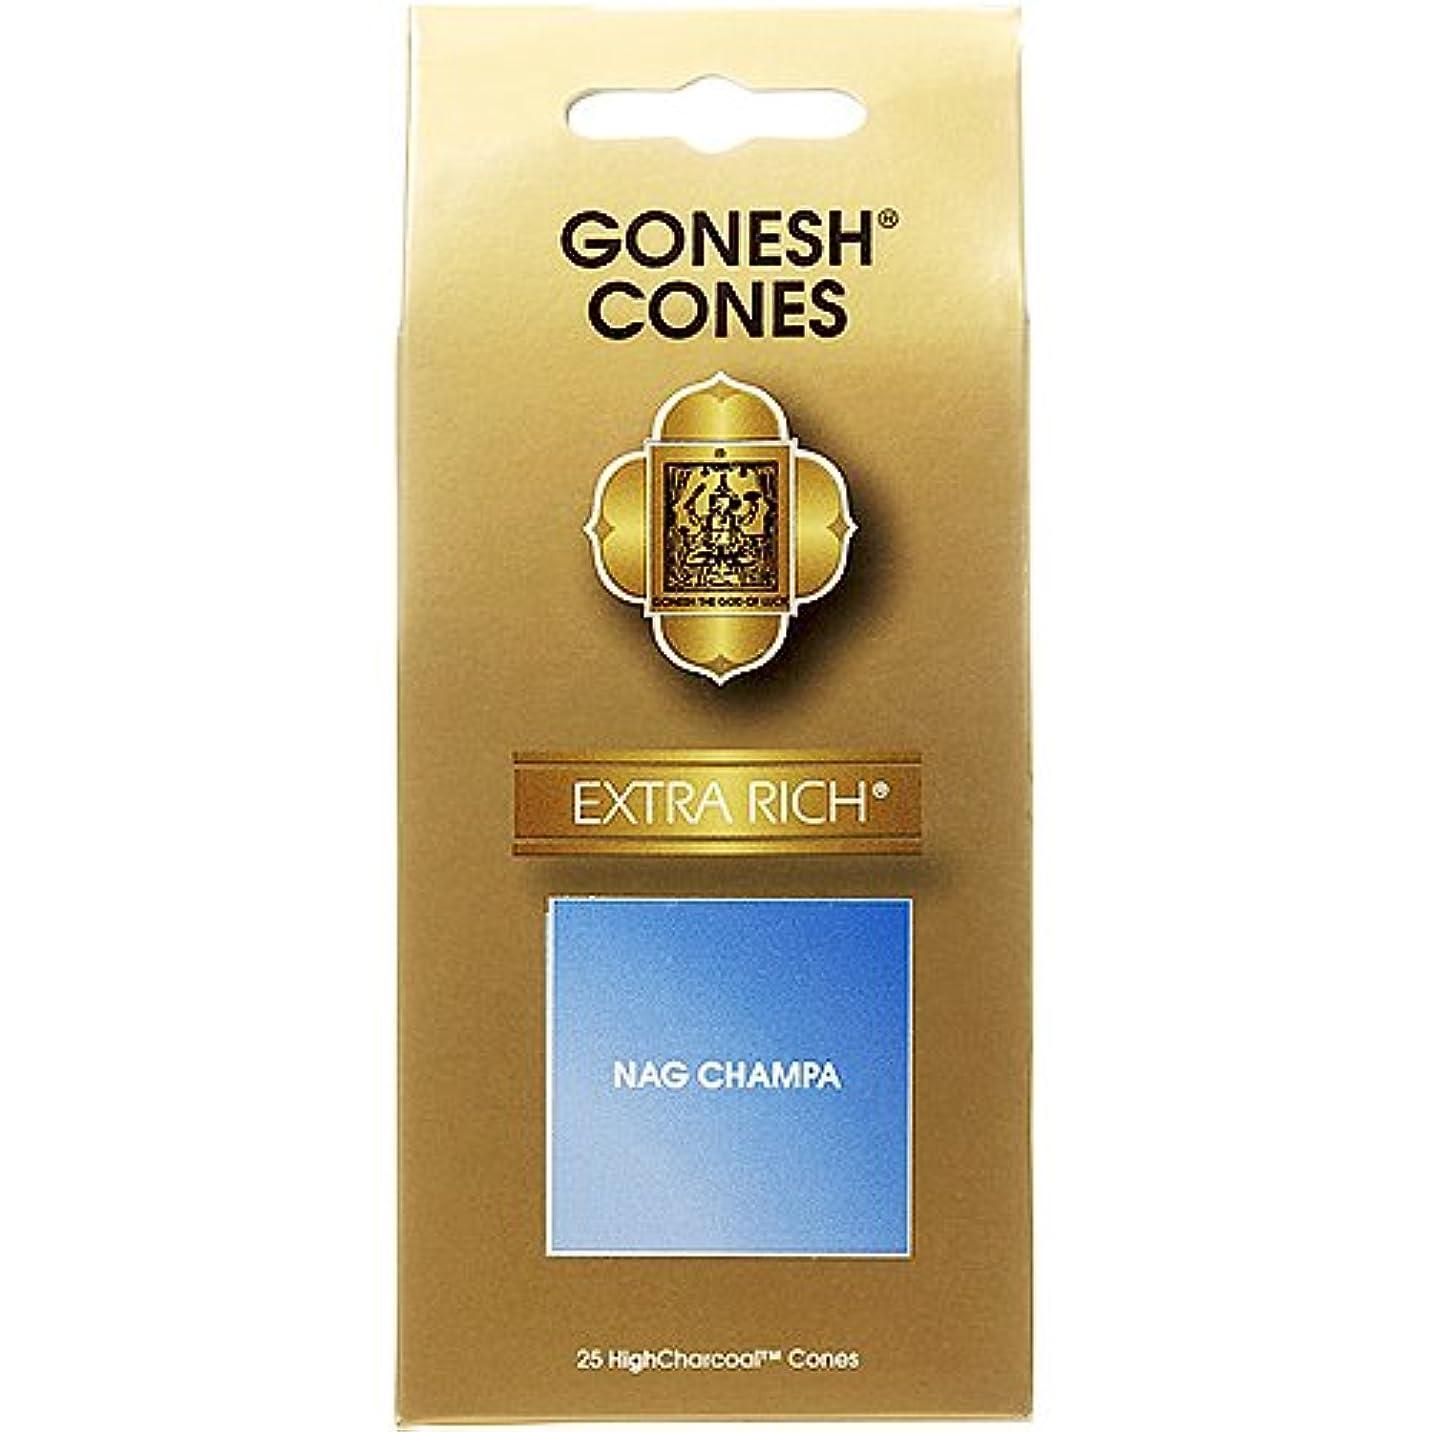 悪夢教育者巨大ガーネッシュ(GONESH) エクストラリッチ インセンス コーン ナグチャンパ 25ヶ入